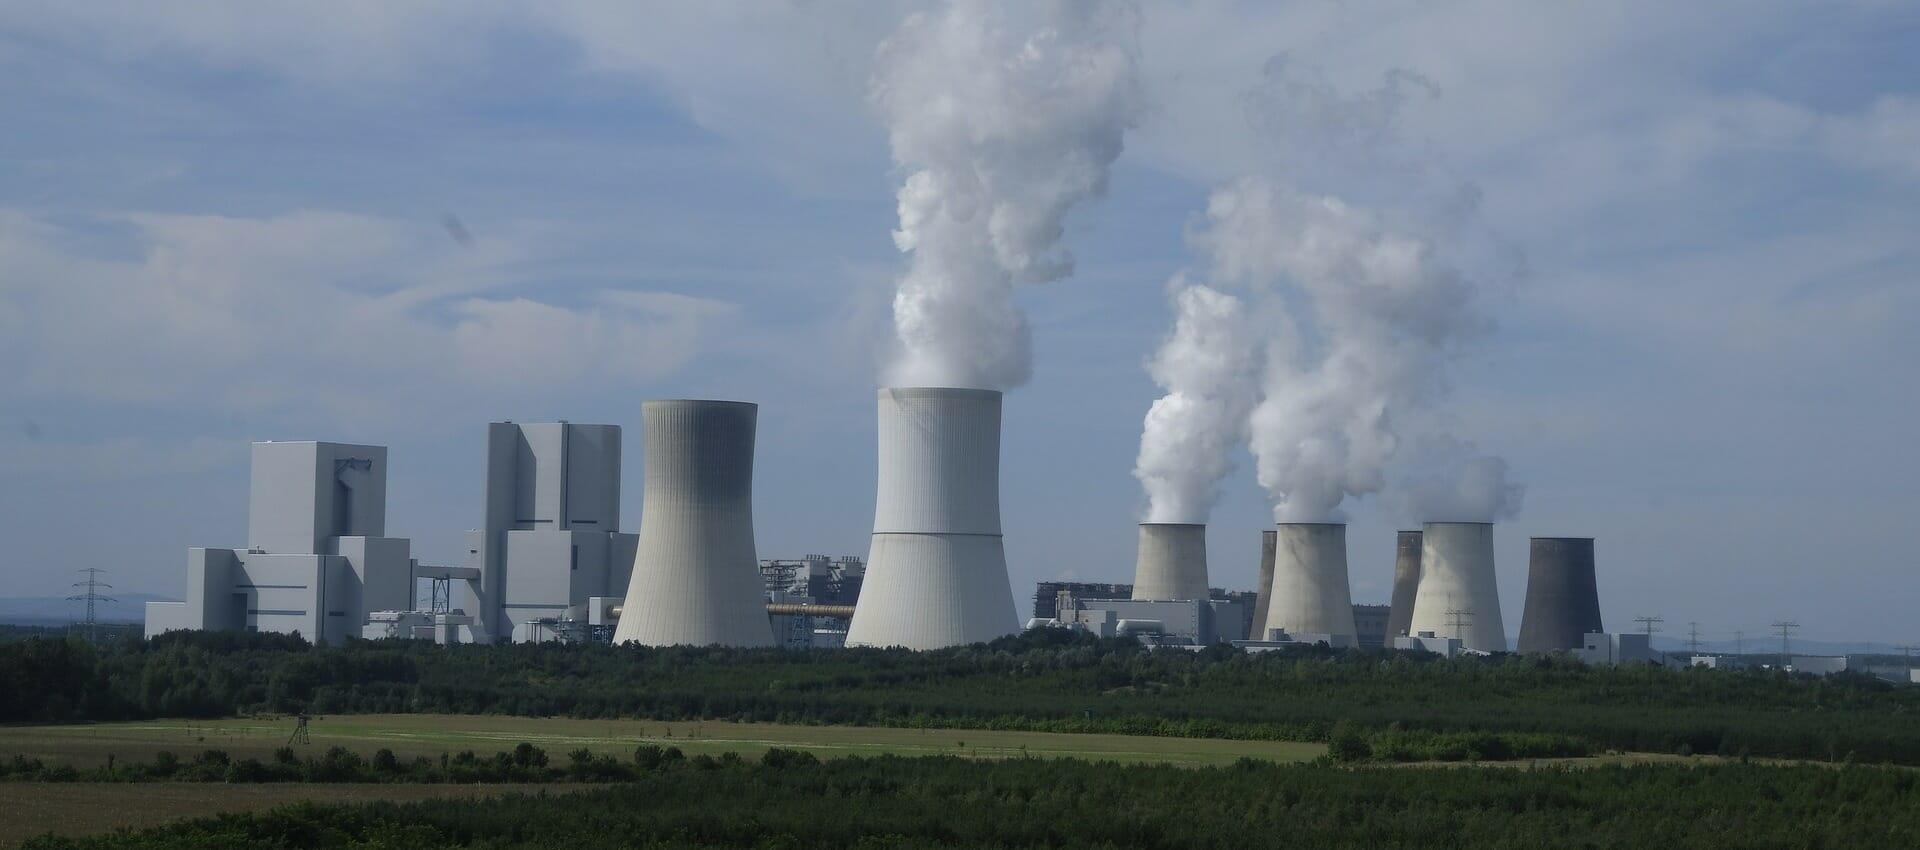 US nuclear energy